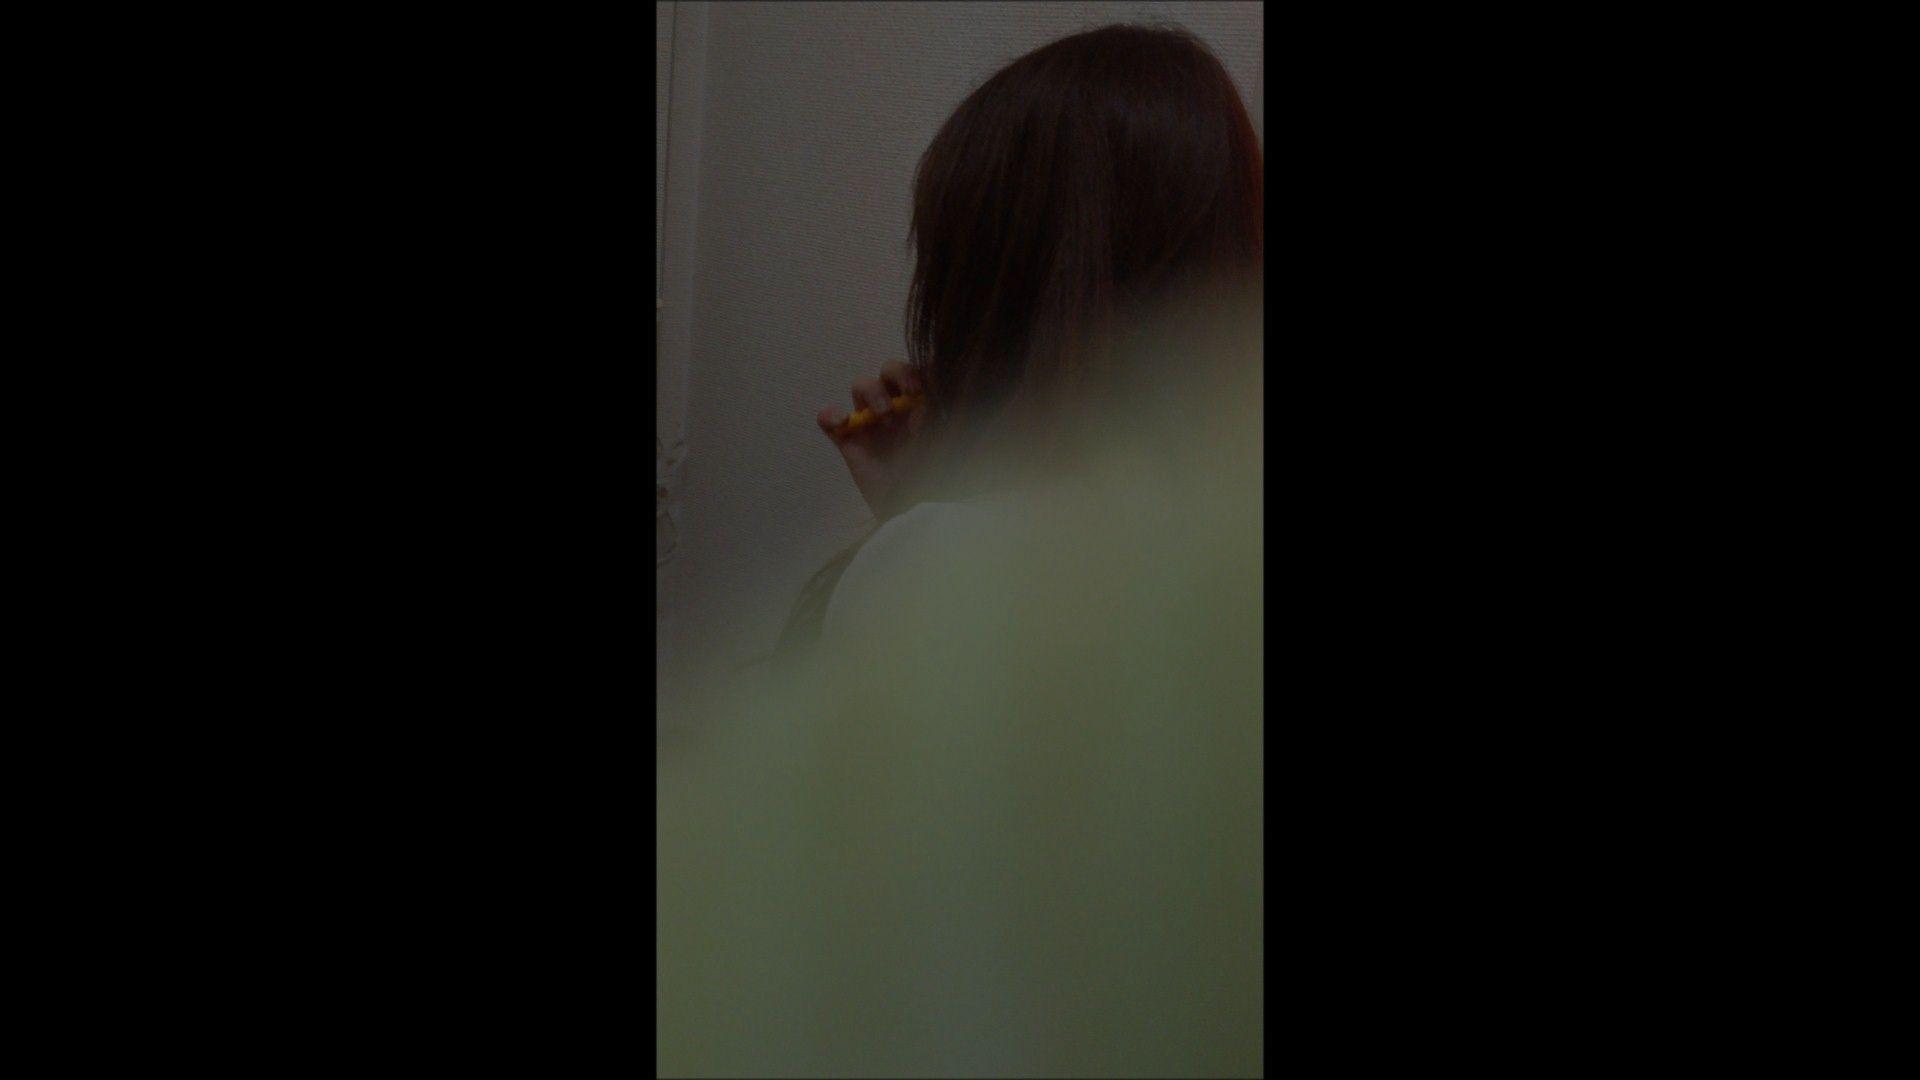 08(8日目)メイク中の彼女の顔を撮りました! マンコ特集 | オマンコ丸見え  59連発 29